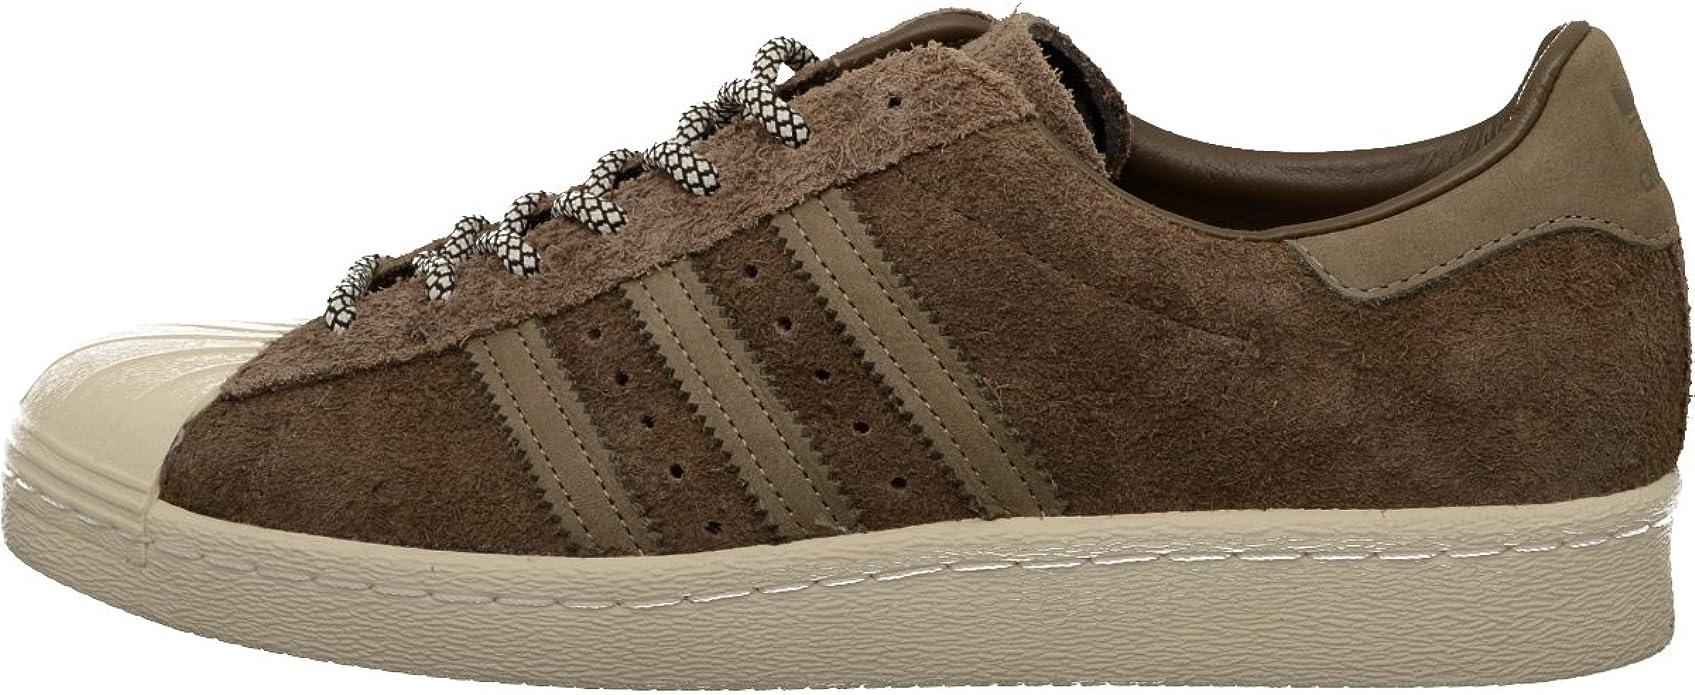 adidas Originals Superstar Sneakers Unisex Damen Herren Braun Größe 41 1/3 bis 47 1/3